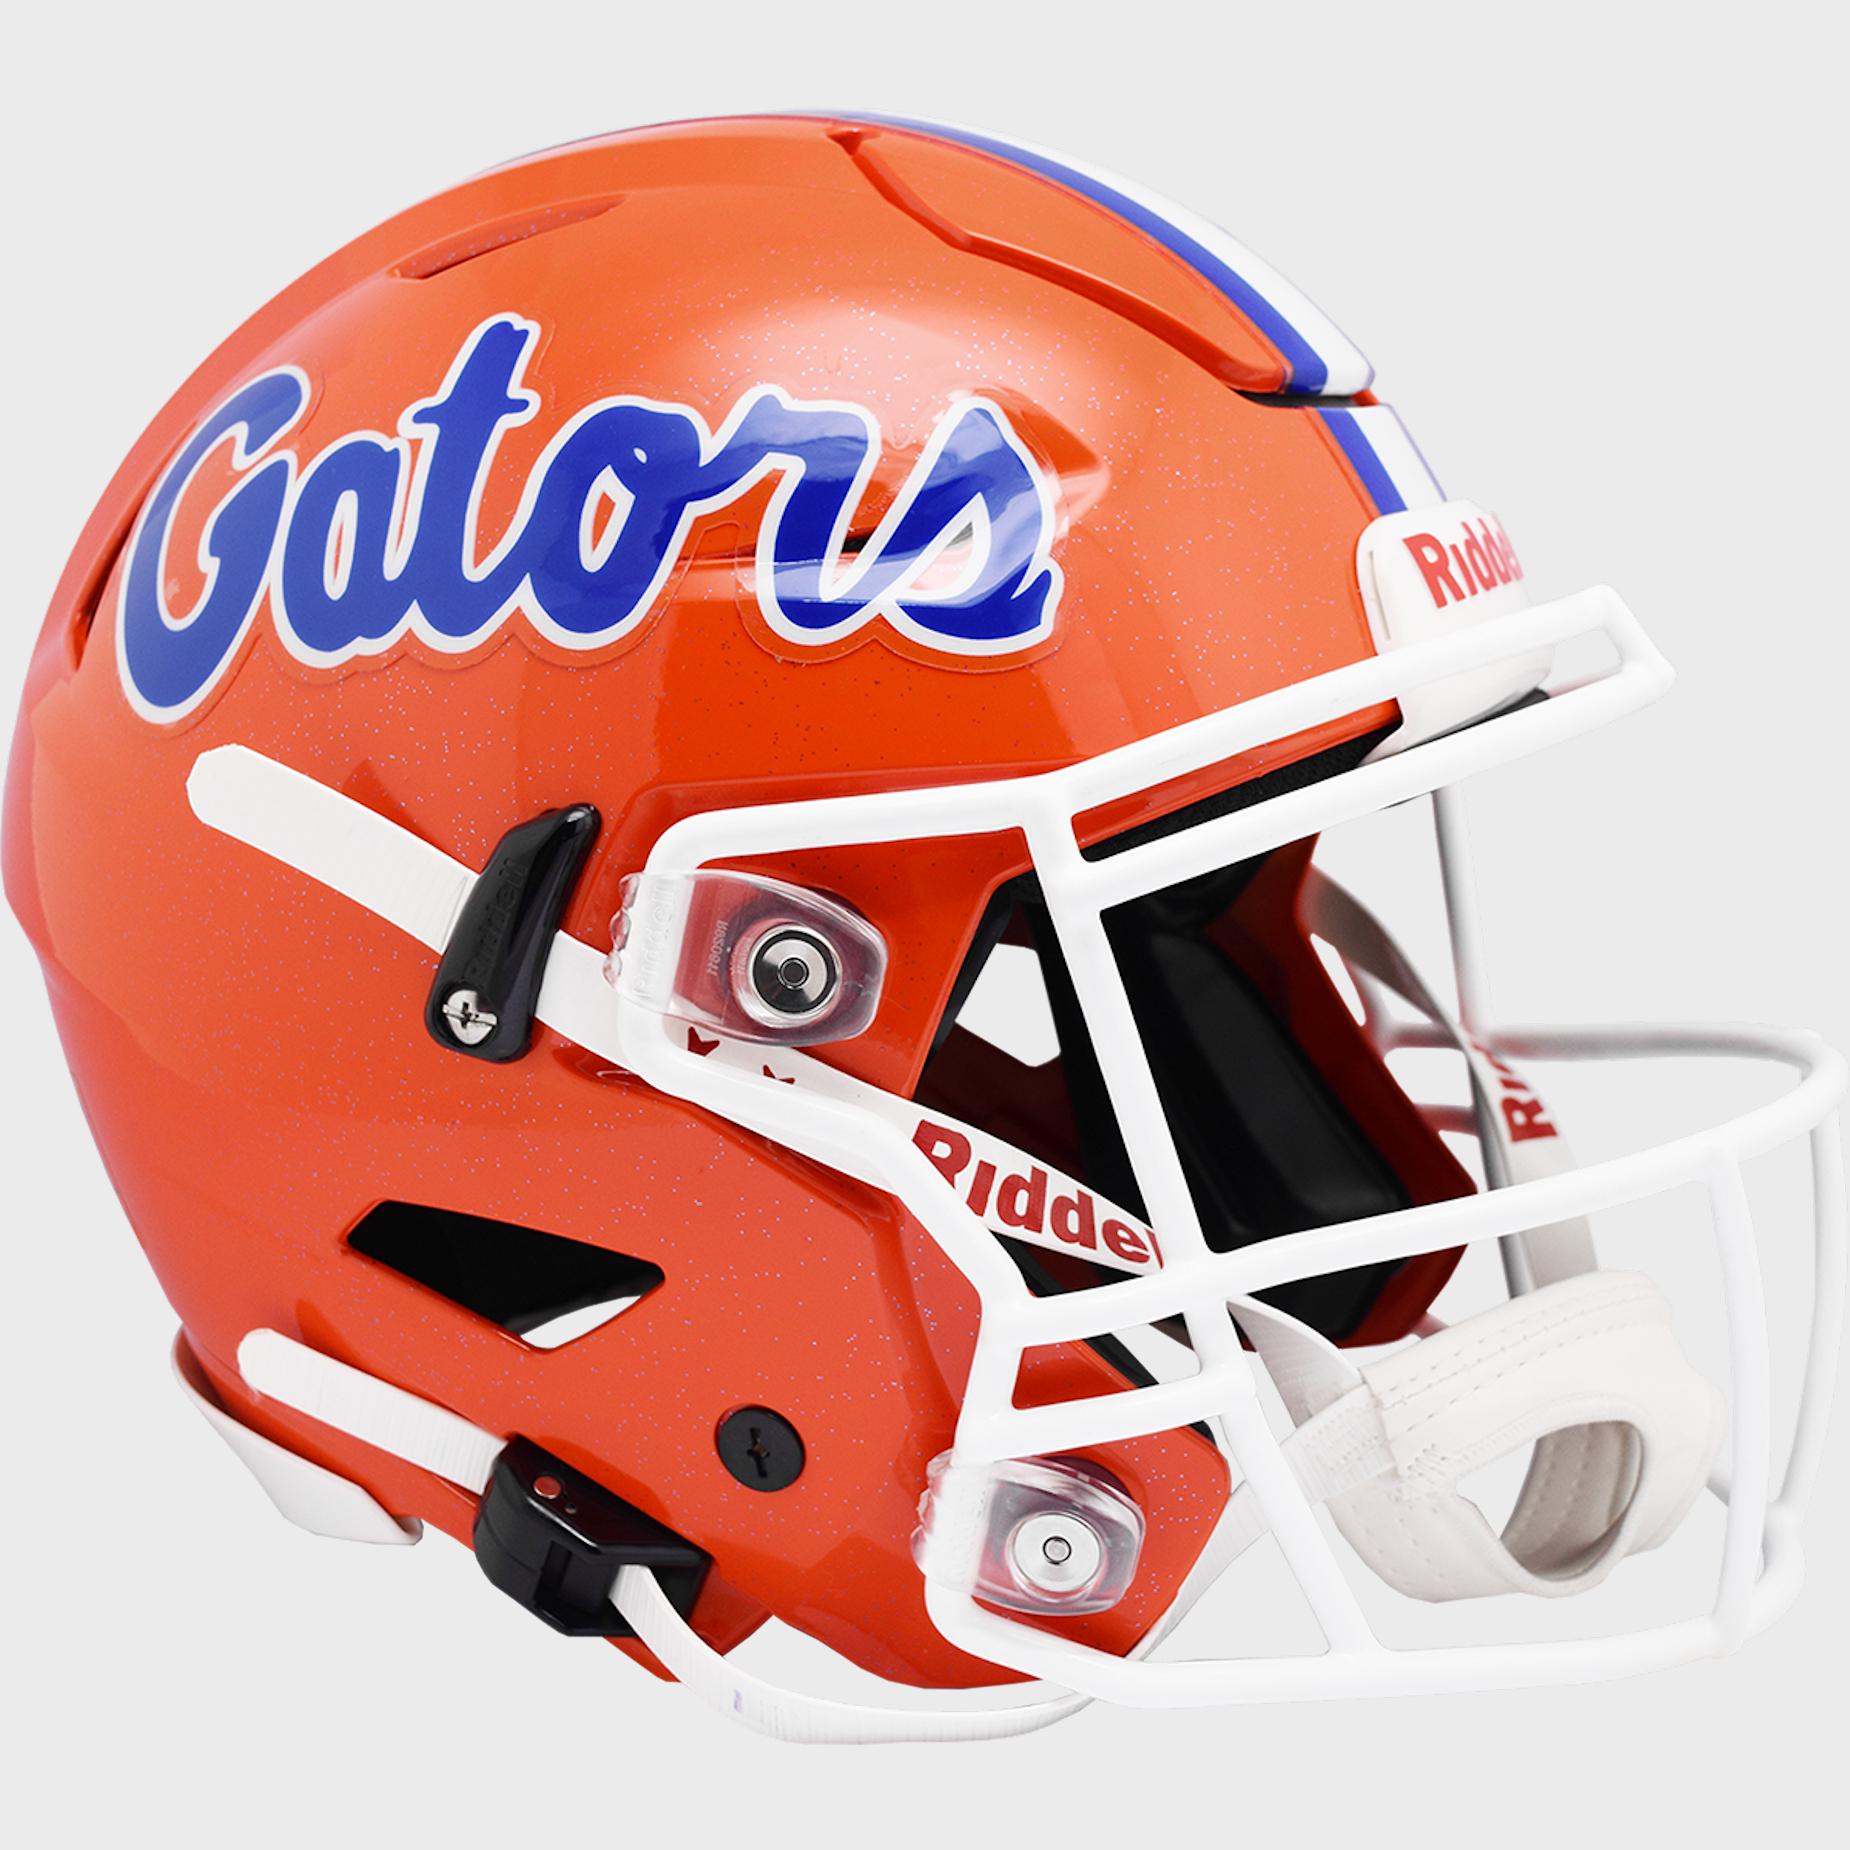 Florida Gators SpeedFlex Football Helmet